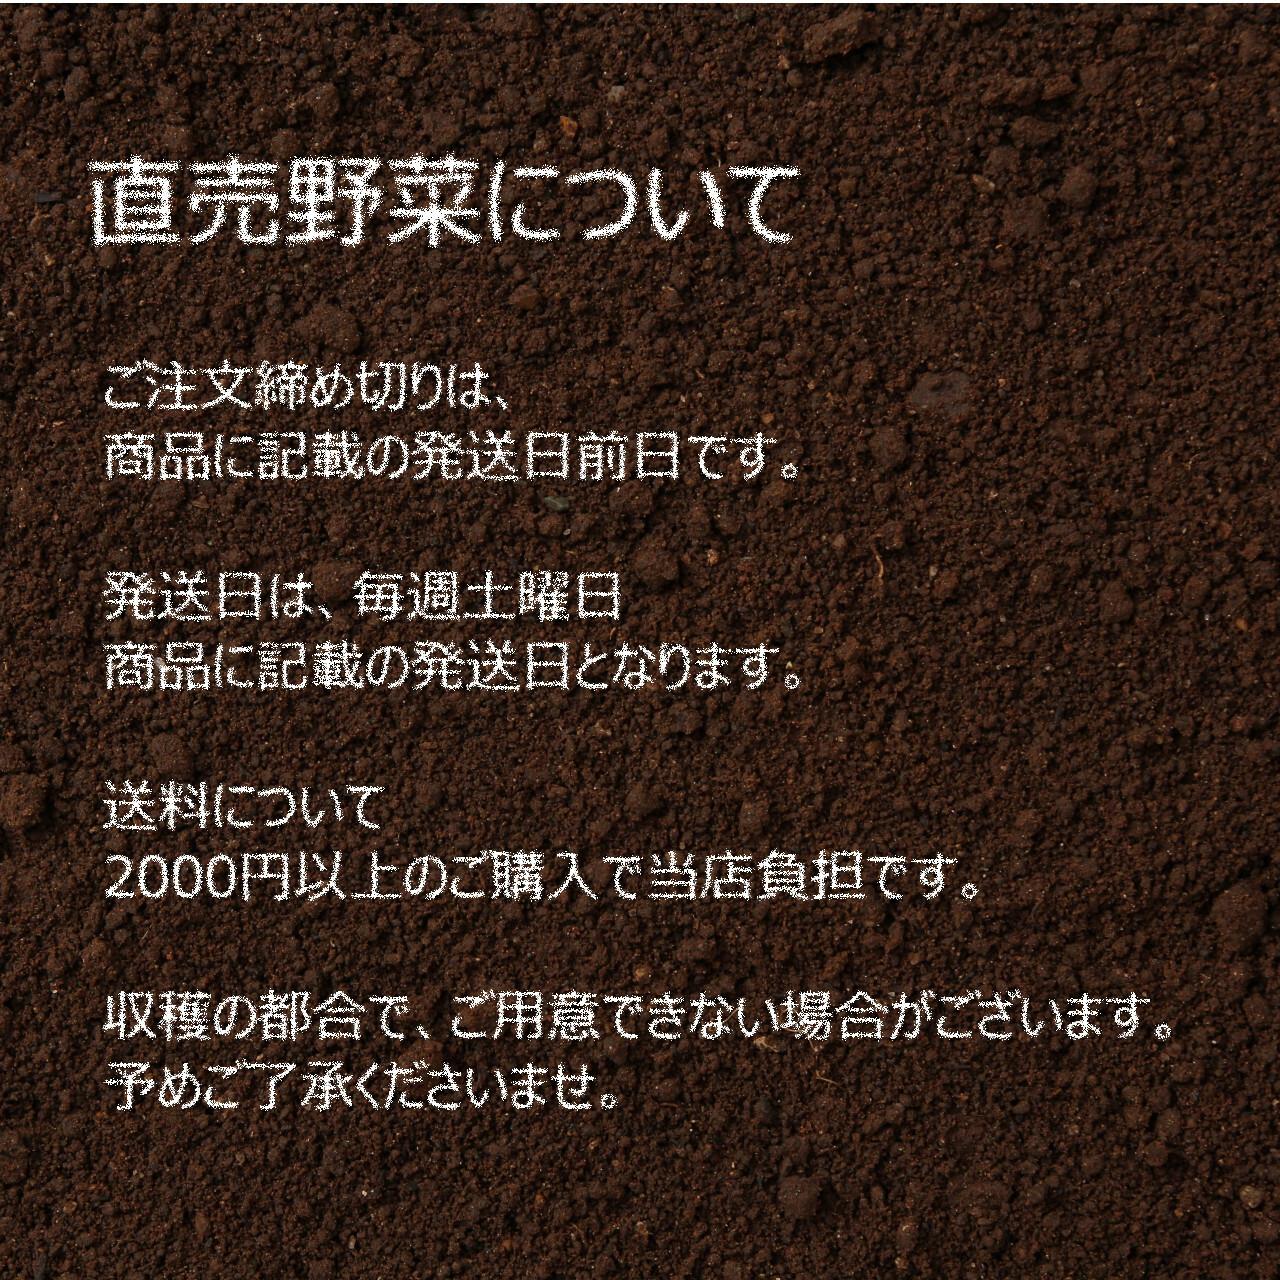 11月の朝採り直売野菜 : 春菊 約200g 新鮮な冬野菜 11月23日発送予定